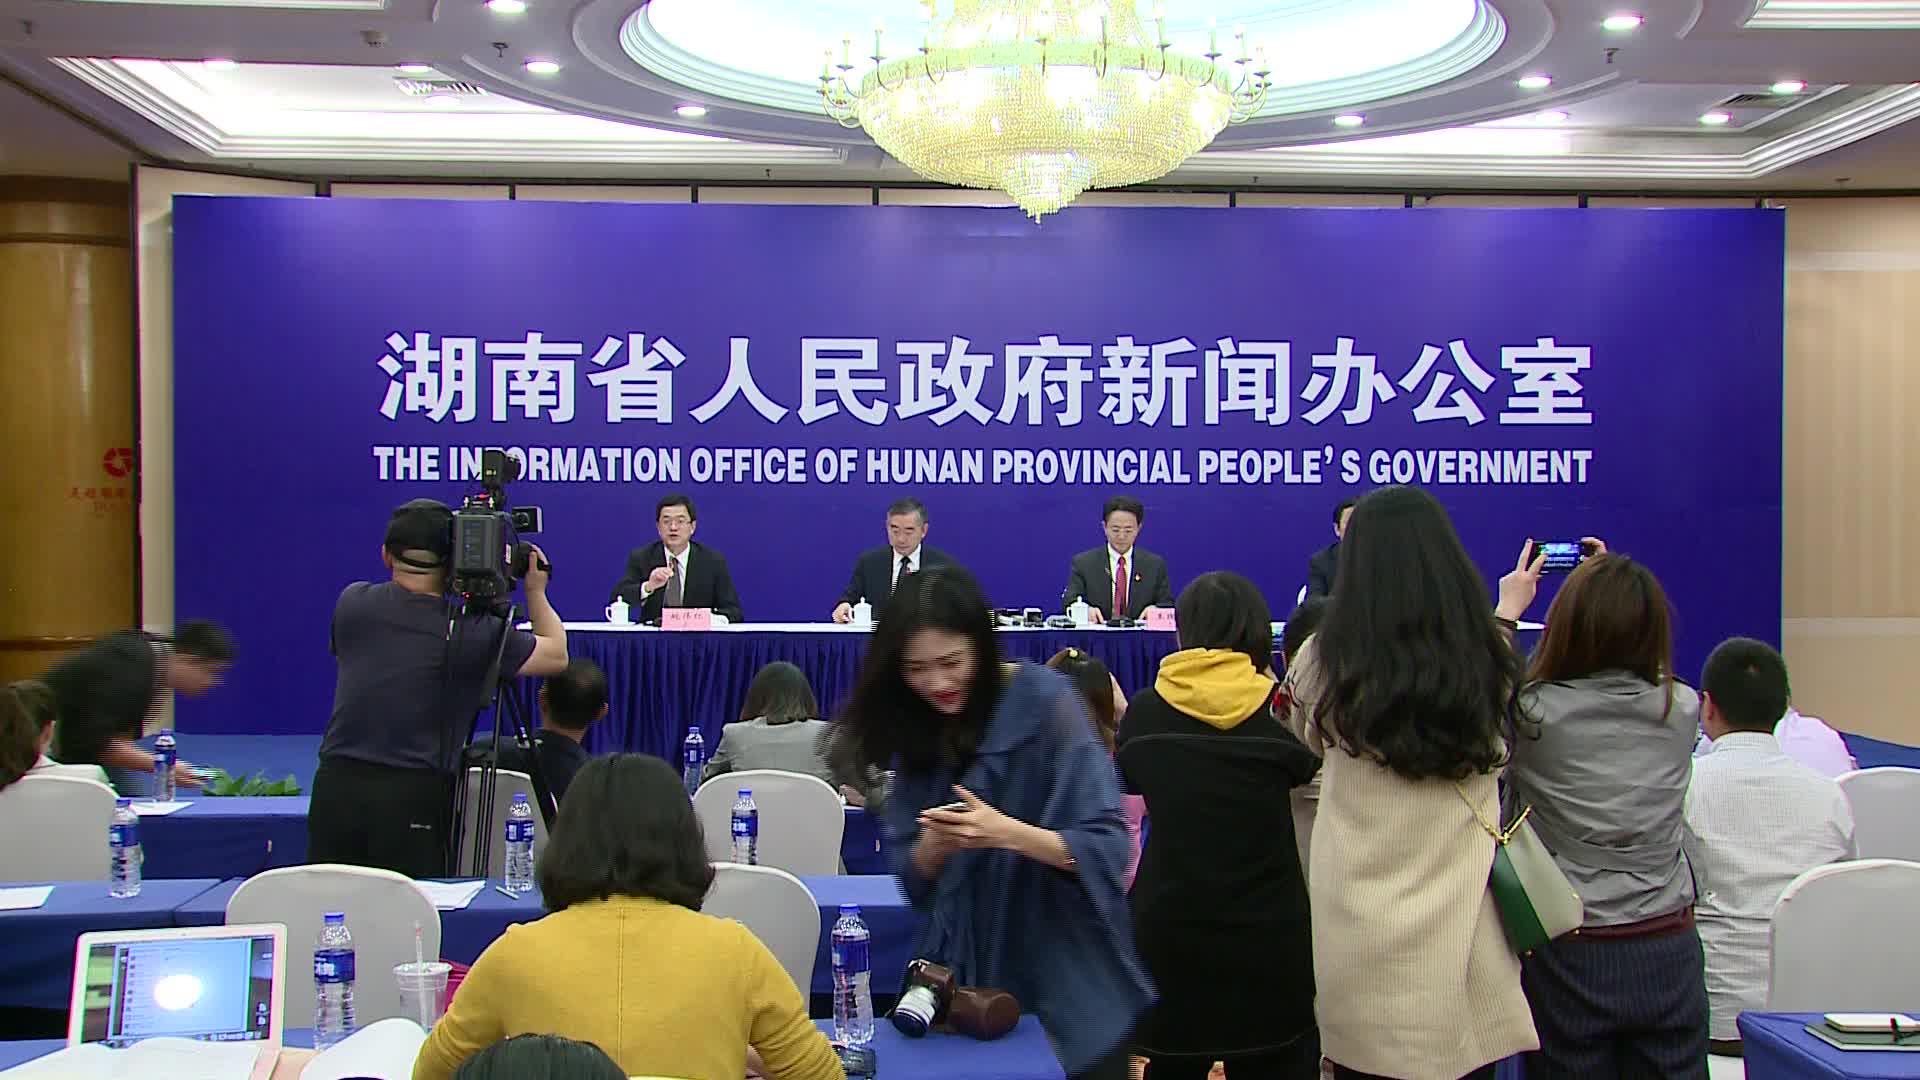 【全程回放】湖南省高考综合改革有关情况新闻发布会